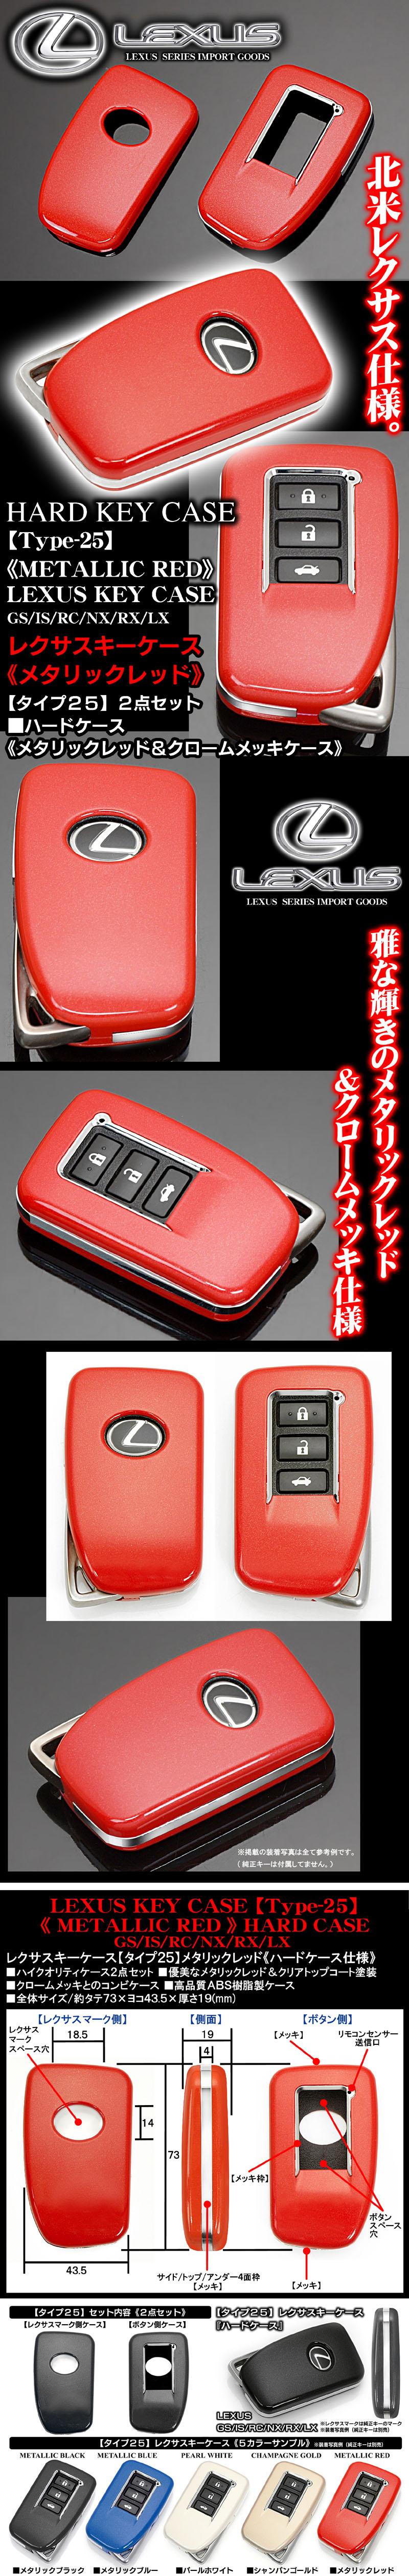 タイプ25【レクサスGS/IS/RC/NX/RX/LX/スマートキー】キーケース[メタリックレッド&メッキコンビ]ハードケース